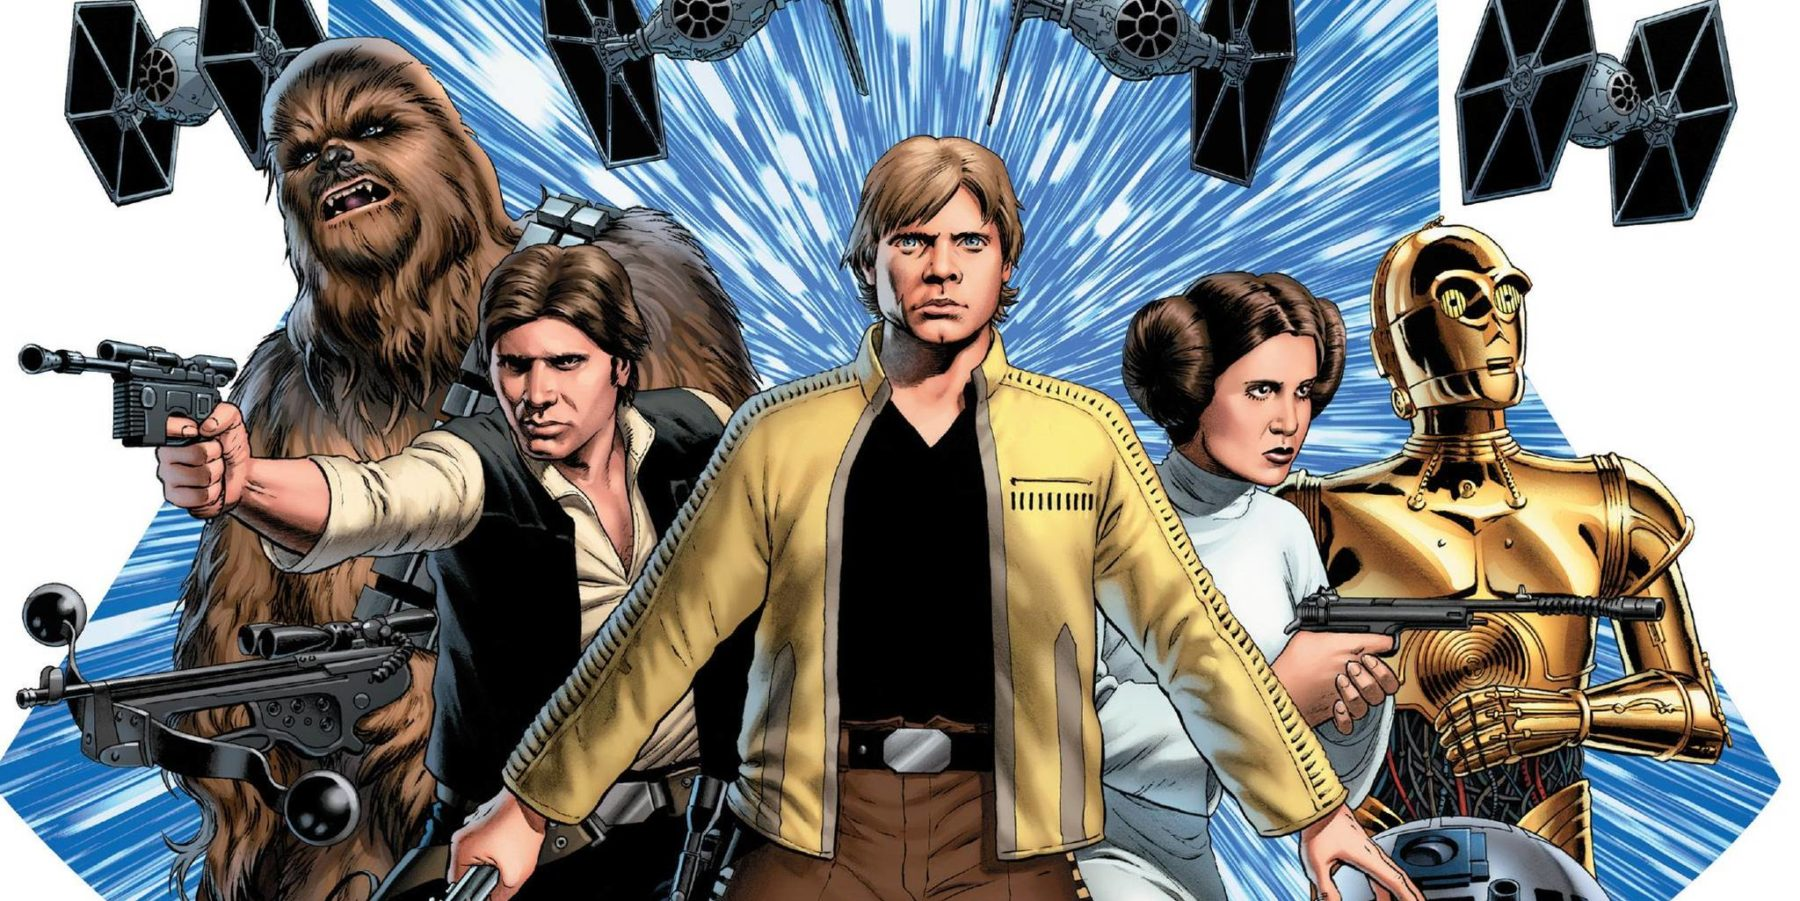 Celebración de Star Wars: Marvel anuncia nuevo equipo de escritores / artistas para la serie Star Wars y Age of Resistance